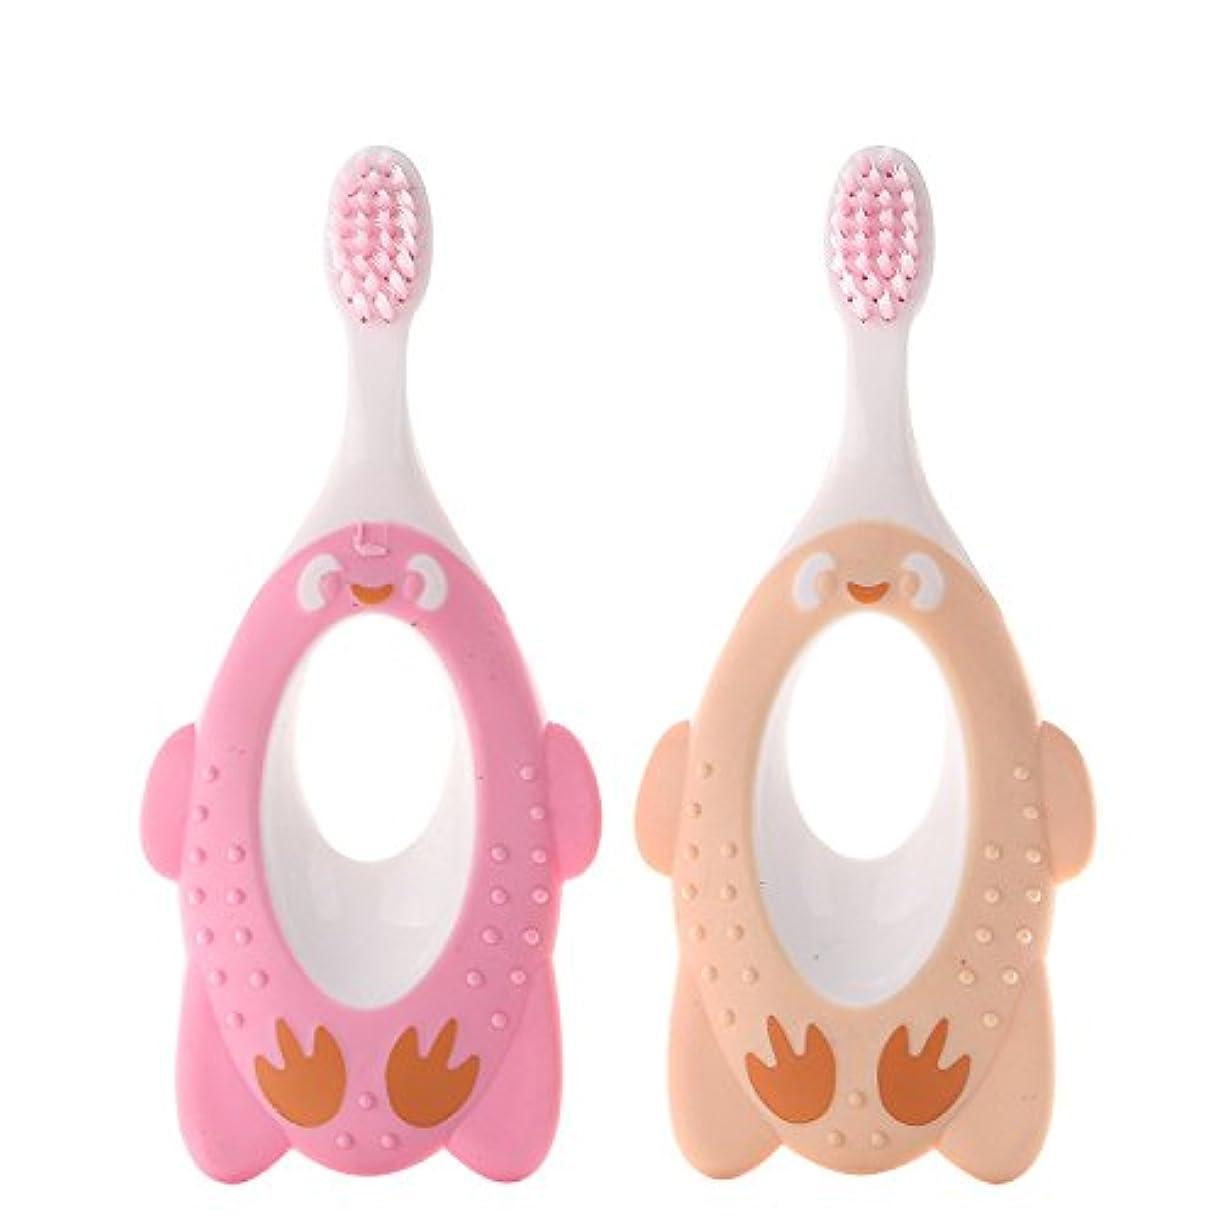 ずっと薄める豊かにするLiebeye 赤ちゃん 歯ブラシ かわいい漫画 柔らかい毛の口腔ケア ツール 練習 歯ブラシ ランダムな色